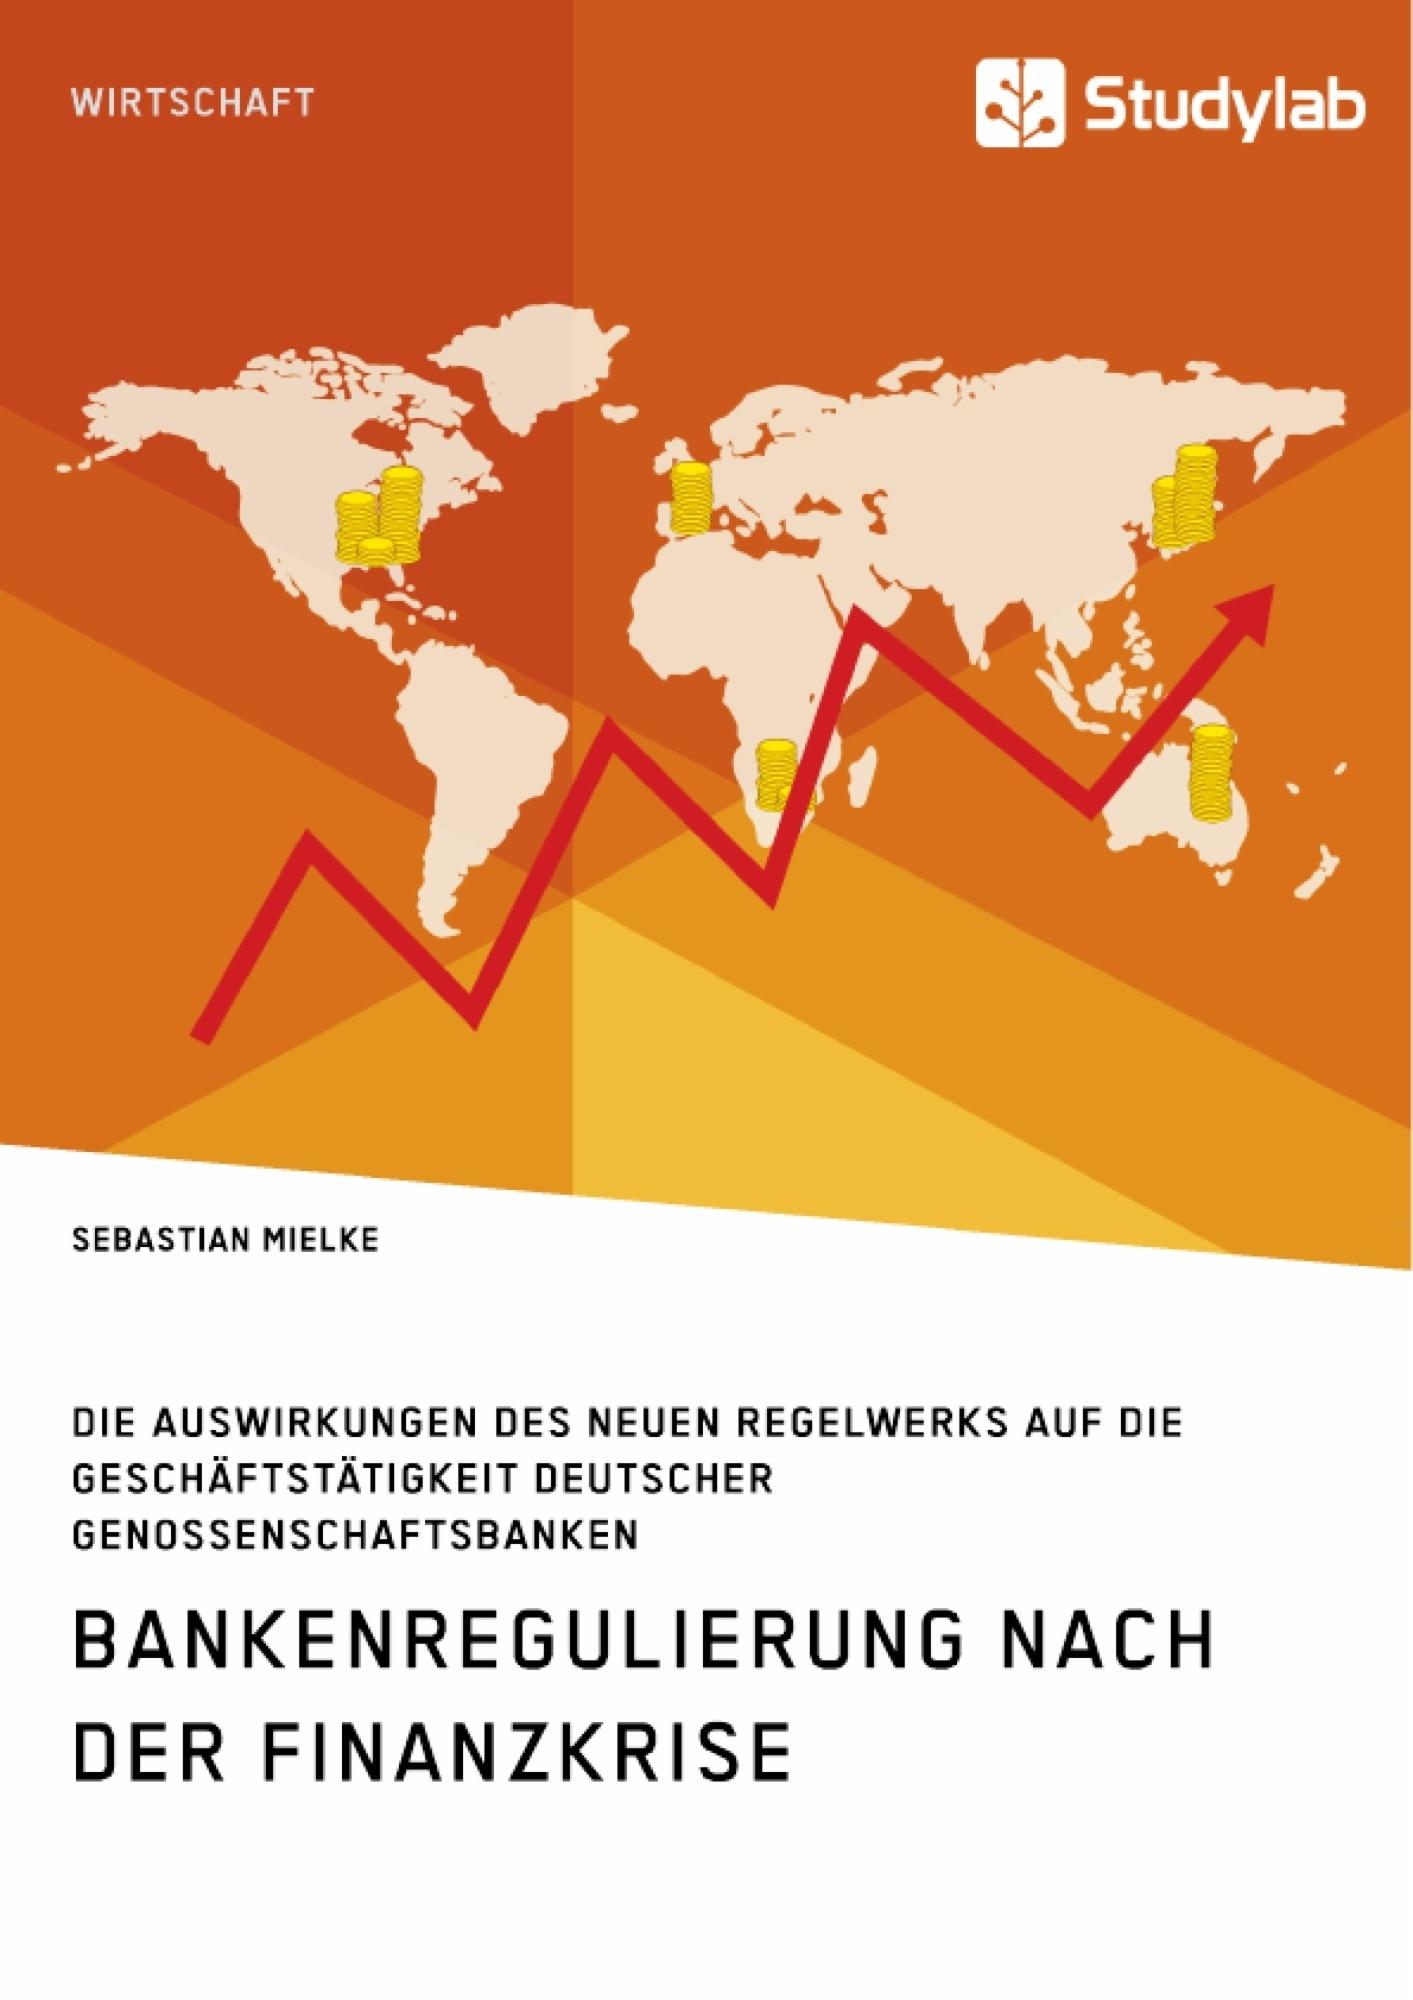 Titel: Bankenregulierung nach der Finanzkrise. Die Auswirkungen des neuen Regelwerks auf die Geschäftstätigkeit deutscher Genossenschaftsbanken